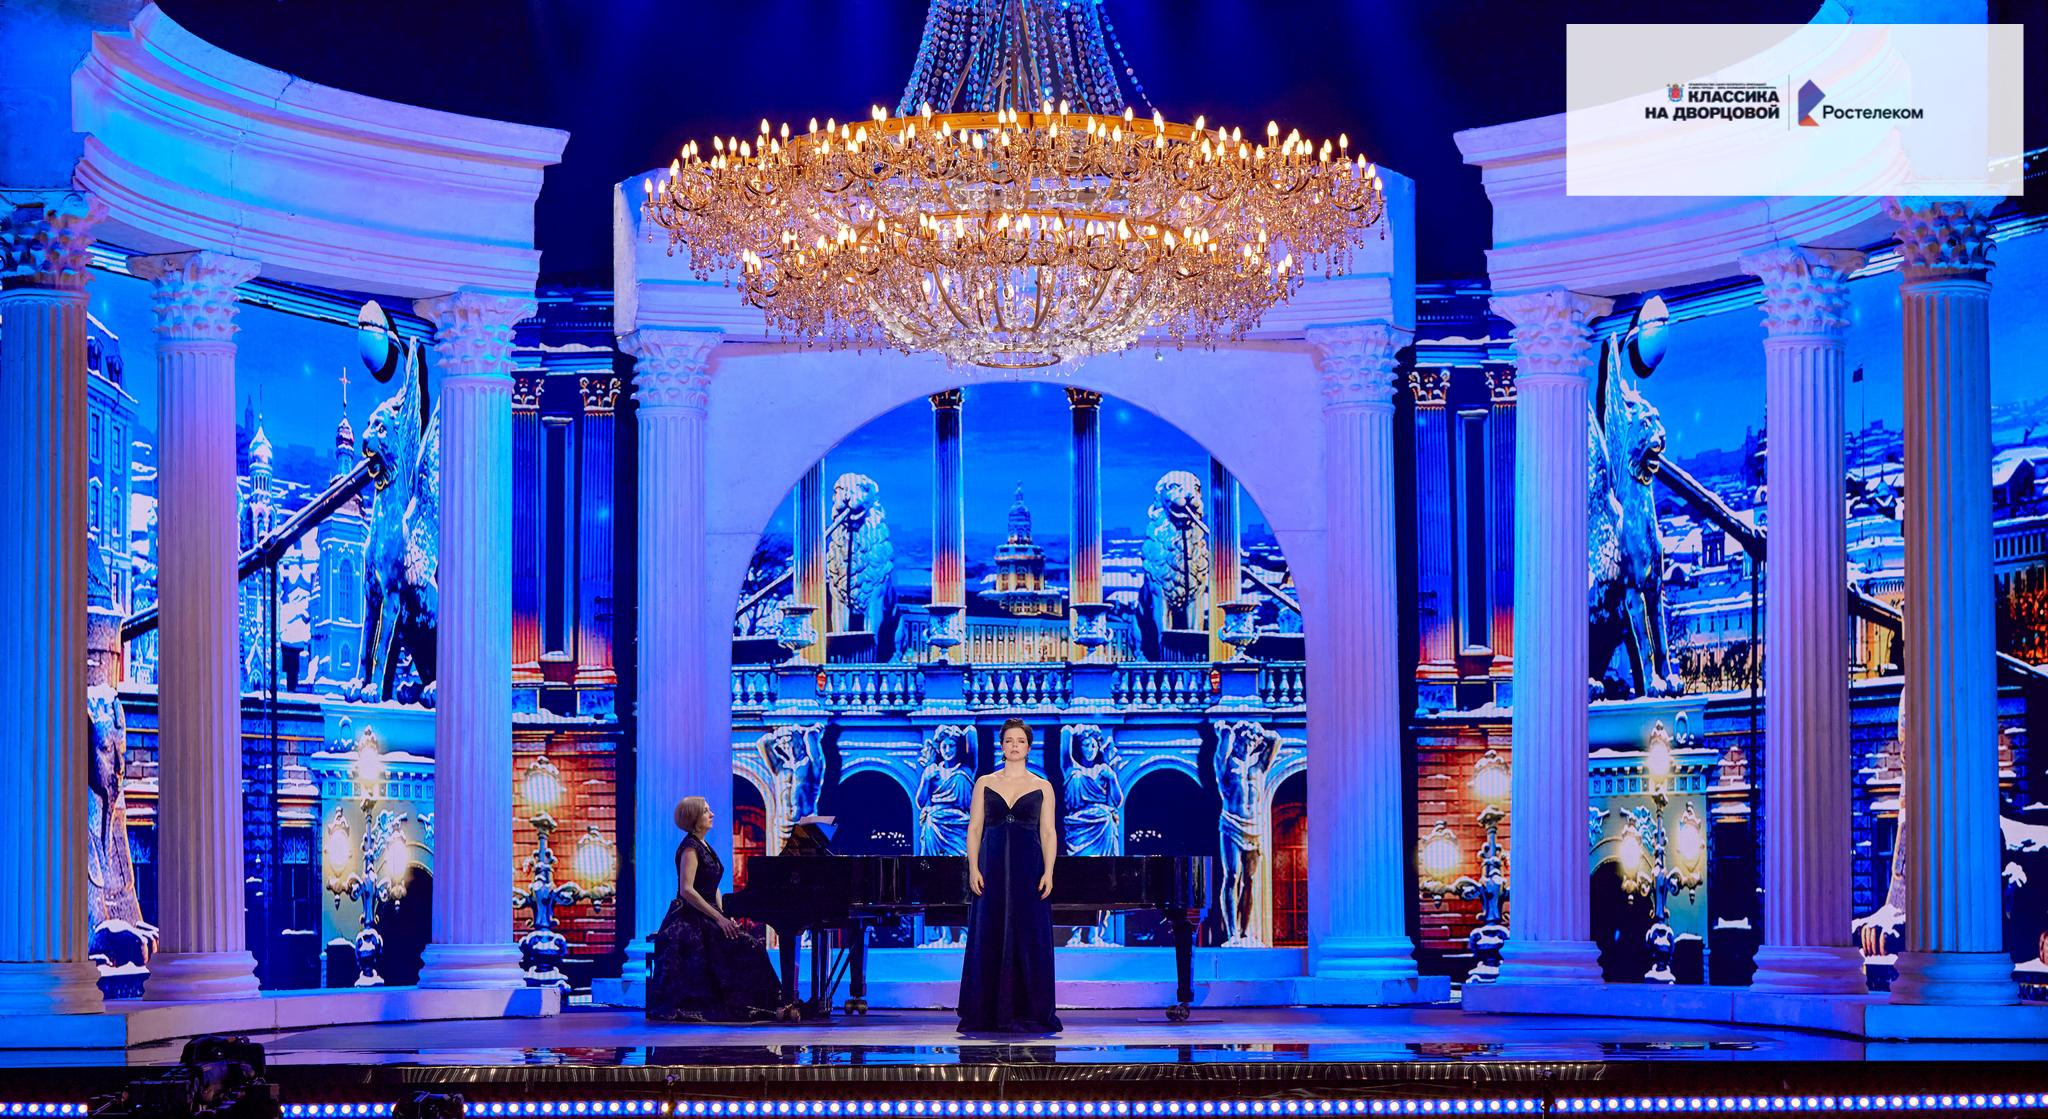 Онлайн-премьера музыкального шоу «Классика в честь Дворцовой» состоится 27 мая в Wink